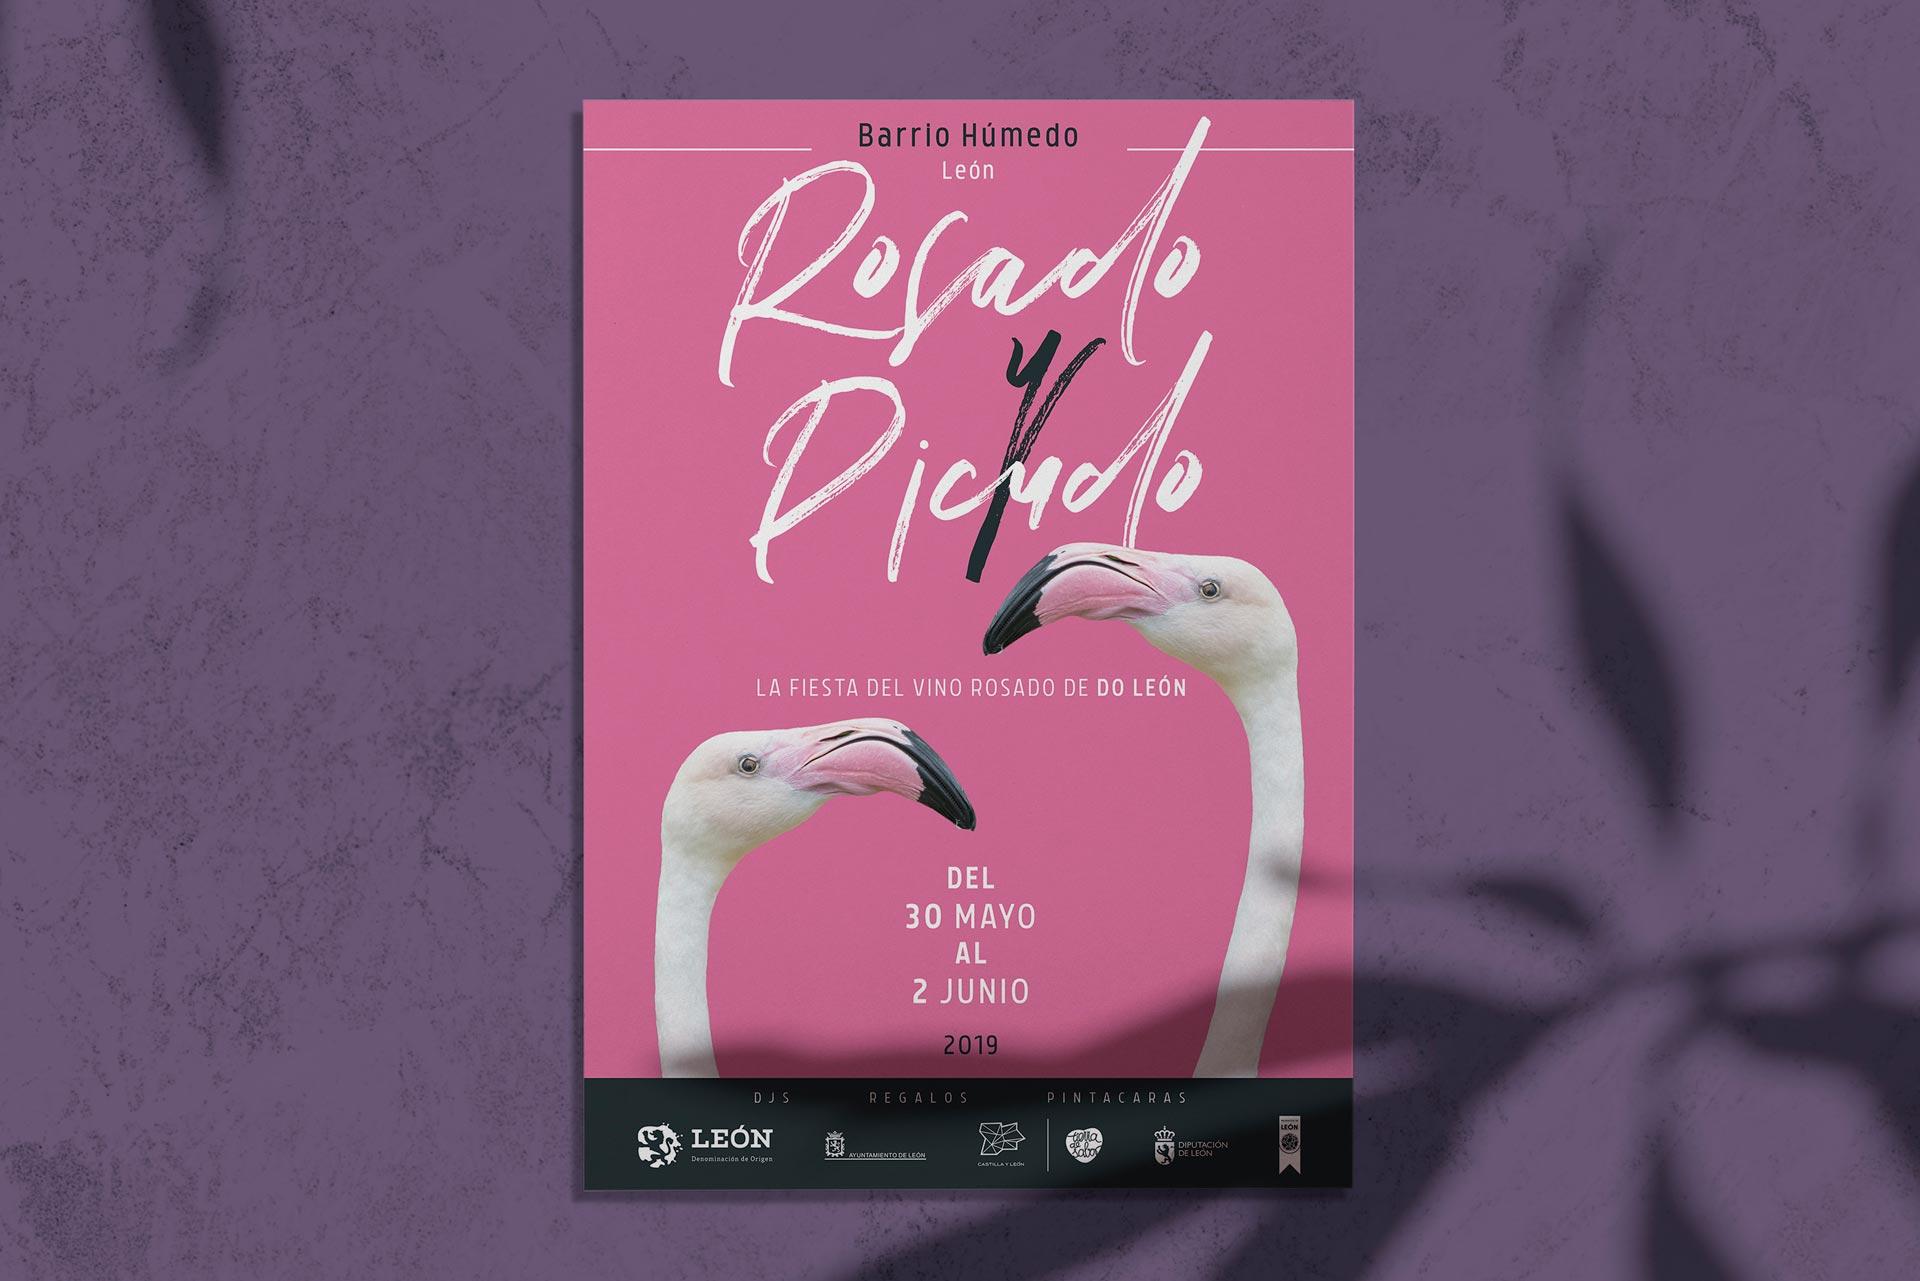 Rosado y Picudo INT 3